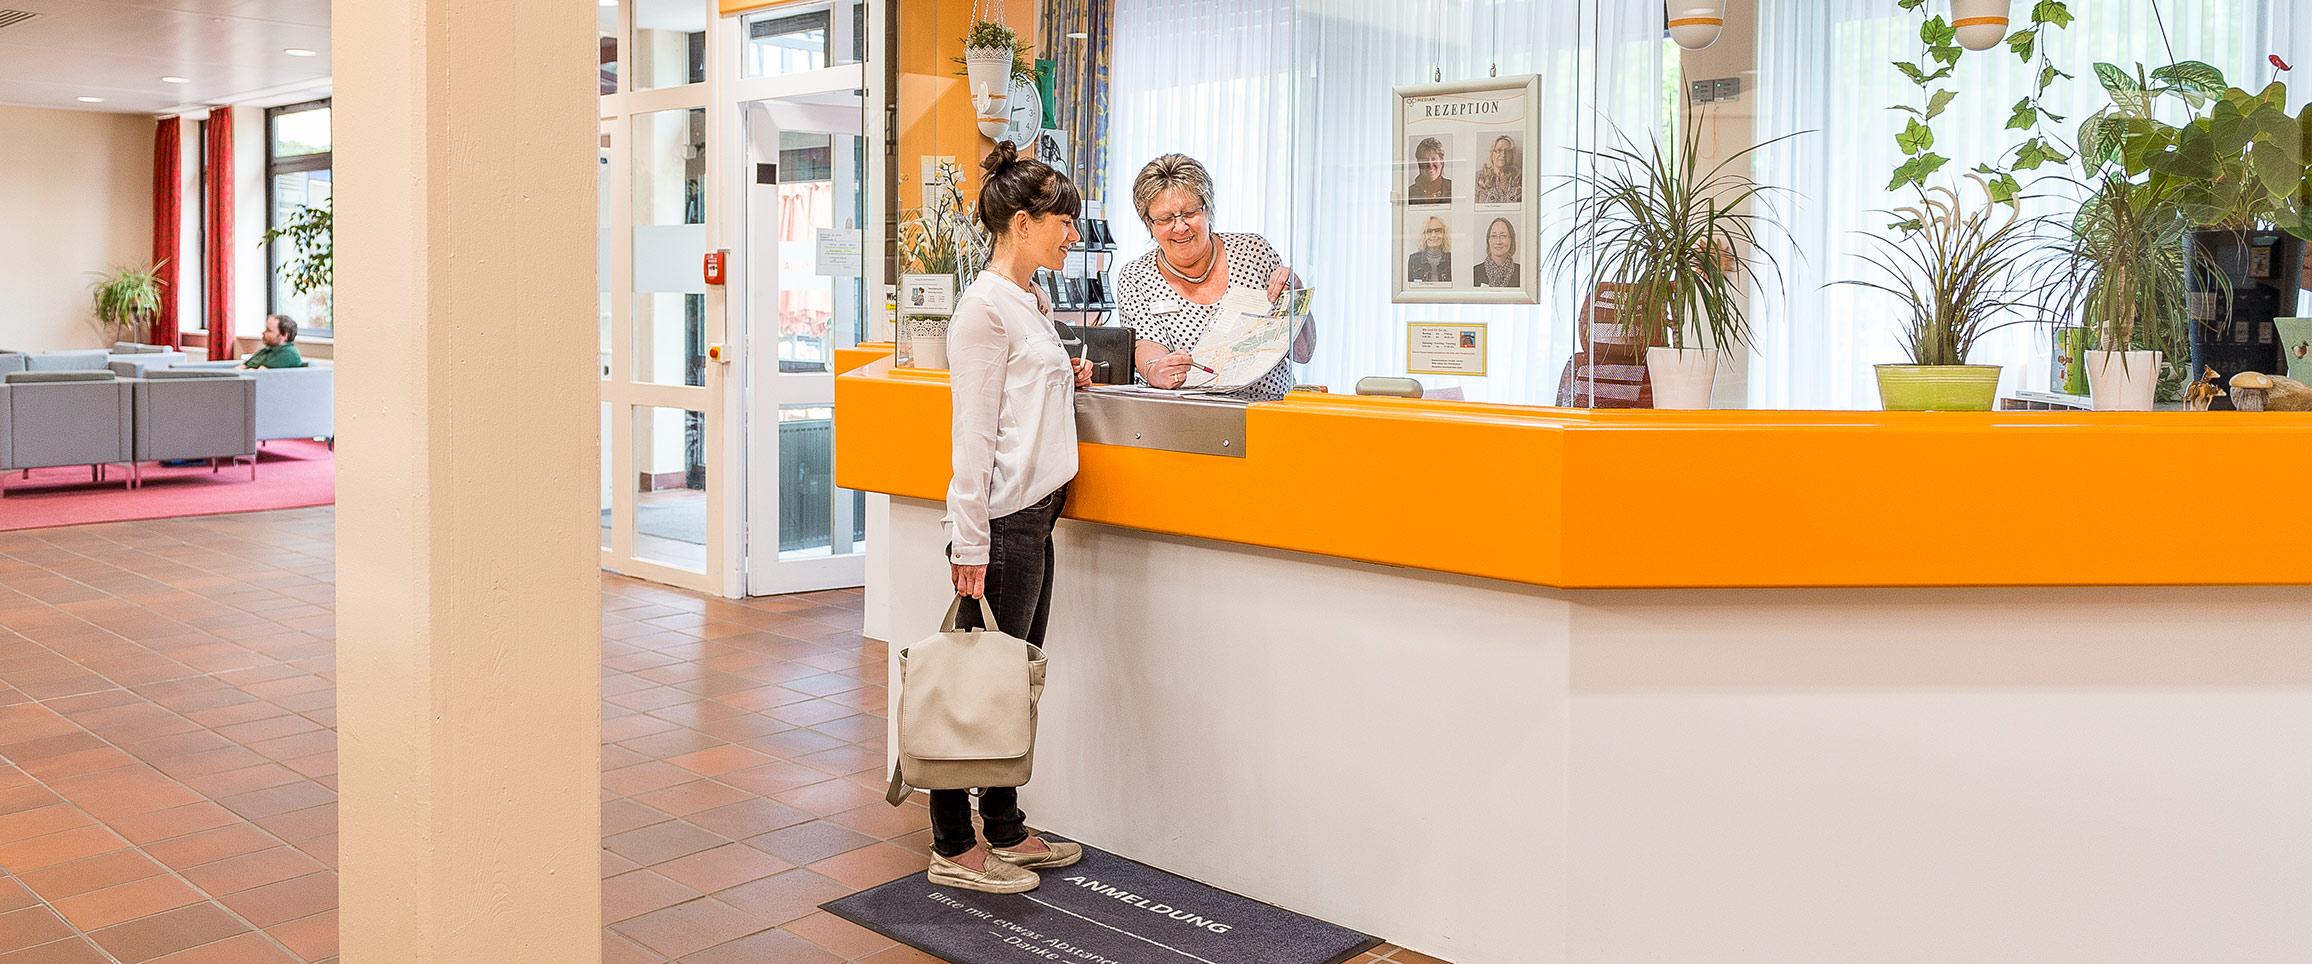 Rezeptionistin empfängt Patientin in der MEDIAN Klinik für Psychosomatik Bad Dürkheim